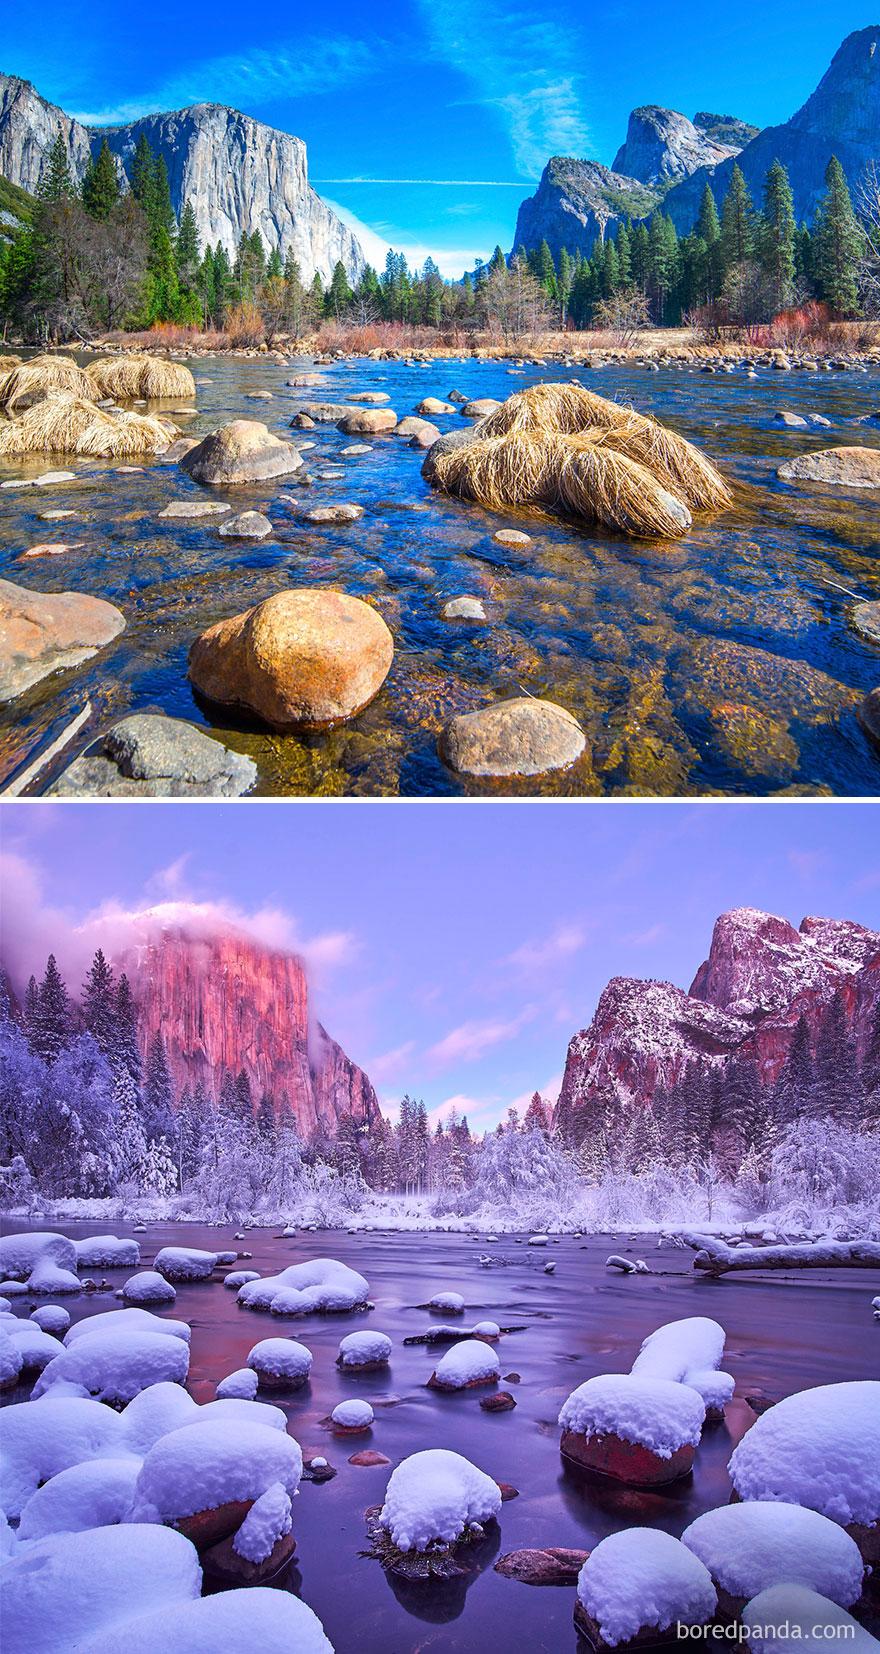 Волшебные снимки живописных мест до и во время зимы